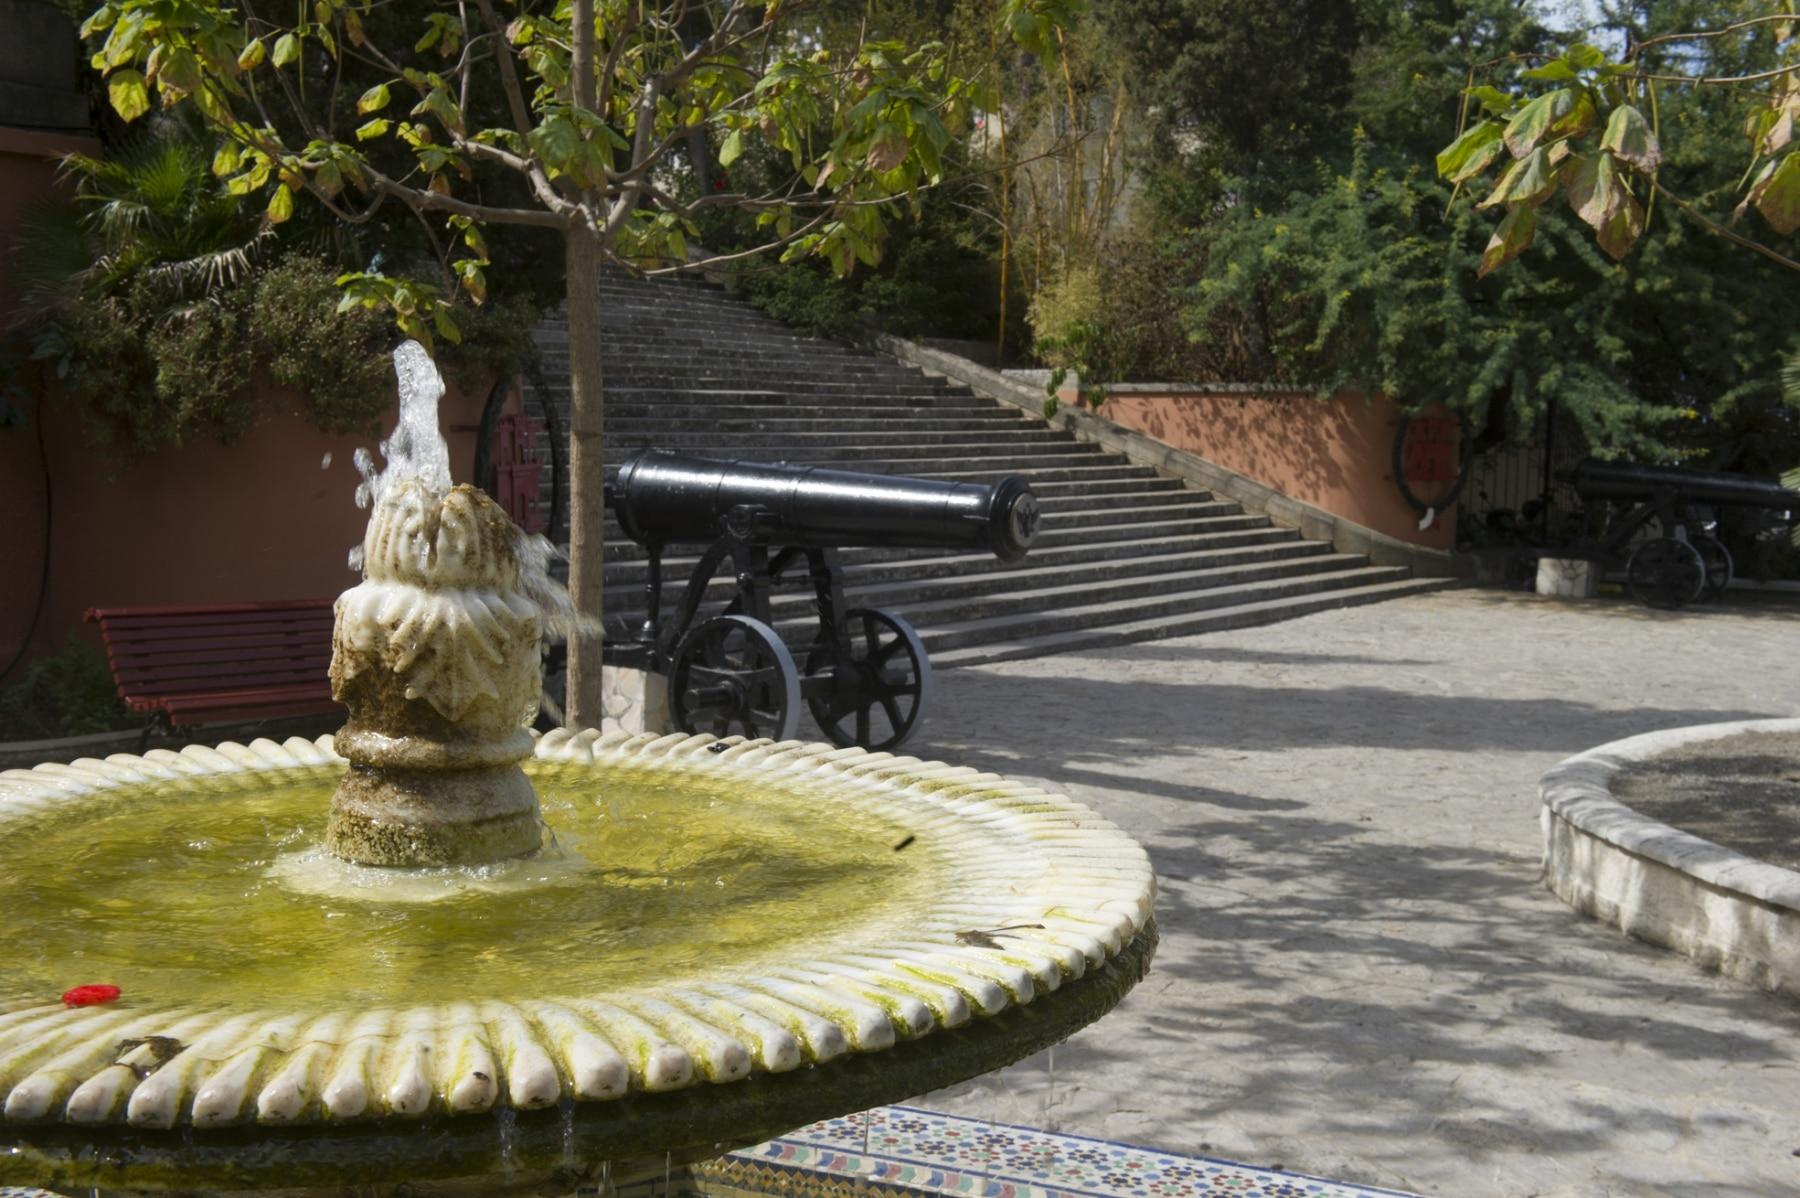 turismo-en-gibraltar-092015-566_22718353766_o